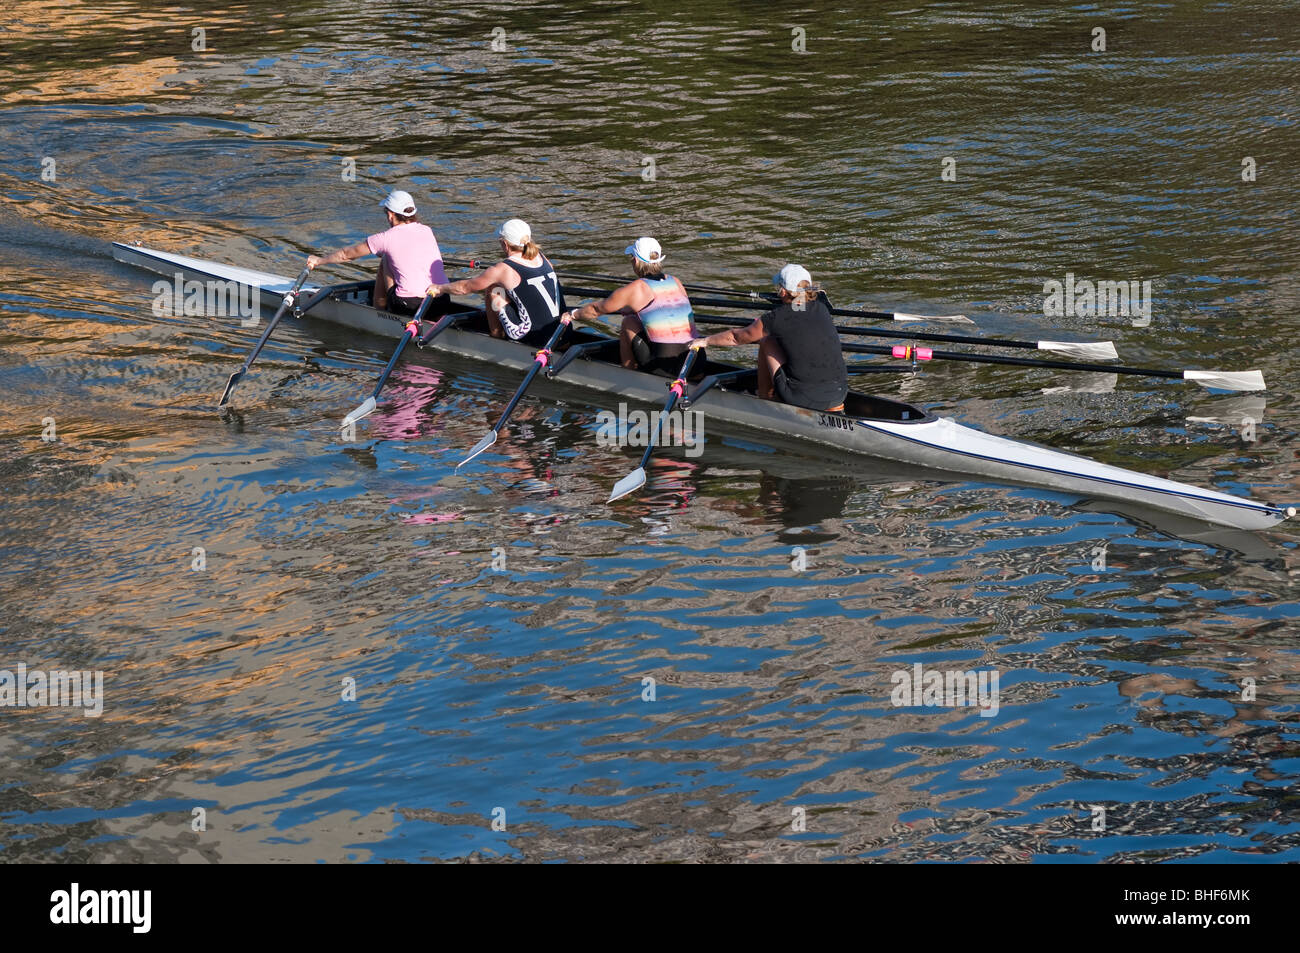 Un equipo de remo womans' fours formación sobre el río Yarra en Melbourne. Imagen De Stock